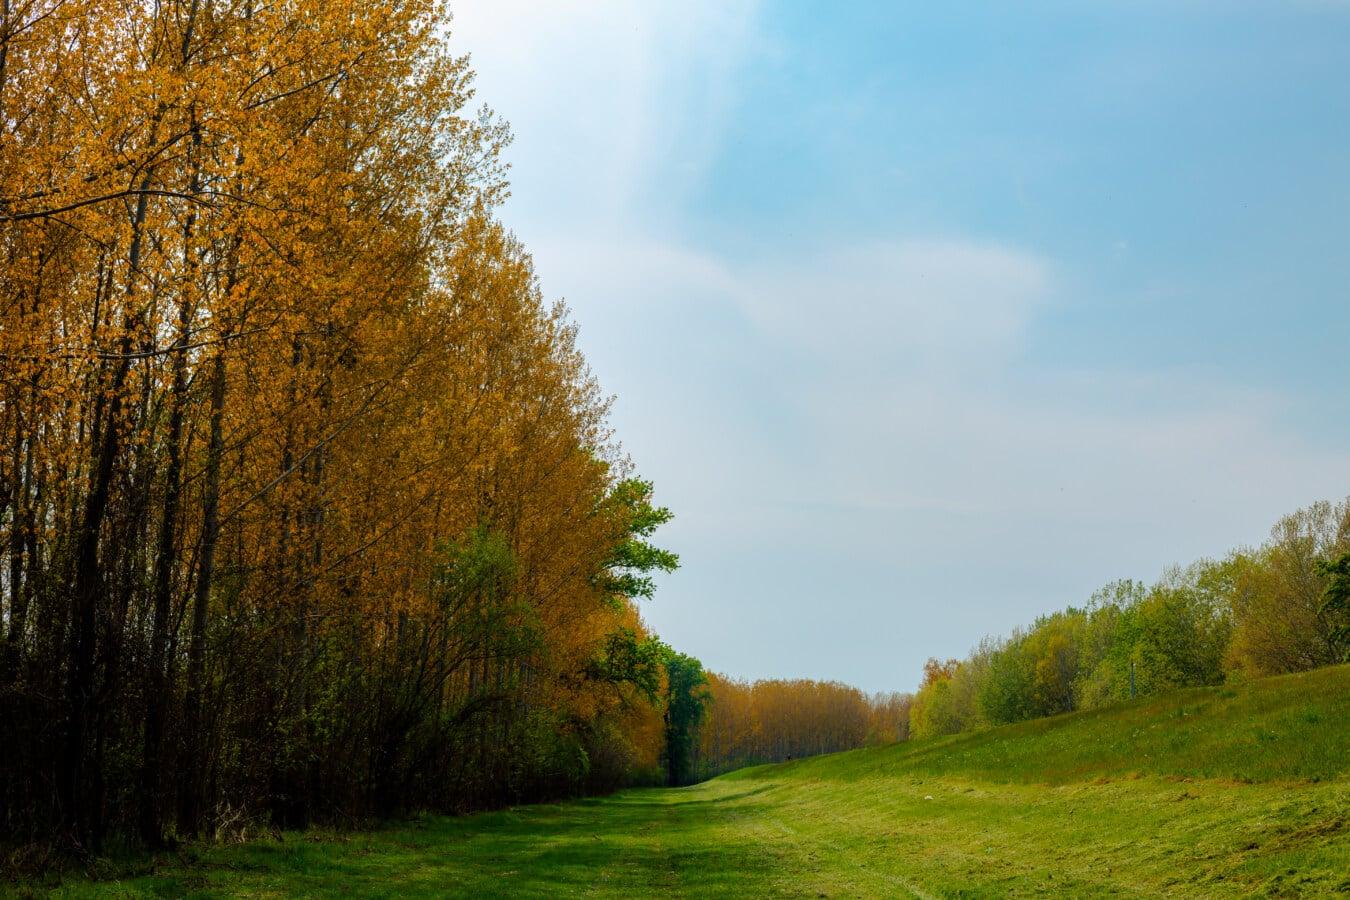 Hügel, Steigung, Hügel, Waldweg, Wald, Struktur, Landschaft, Blatt, Herbst, Gras